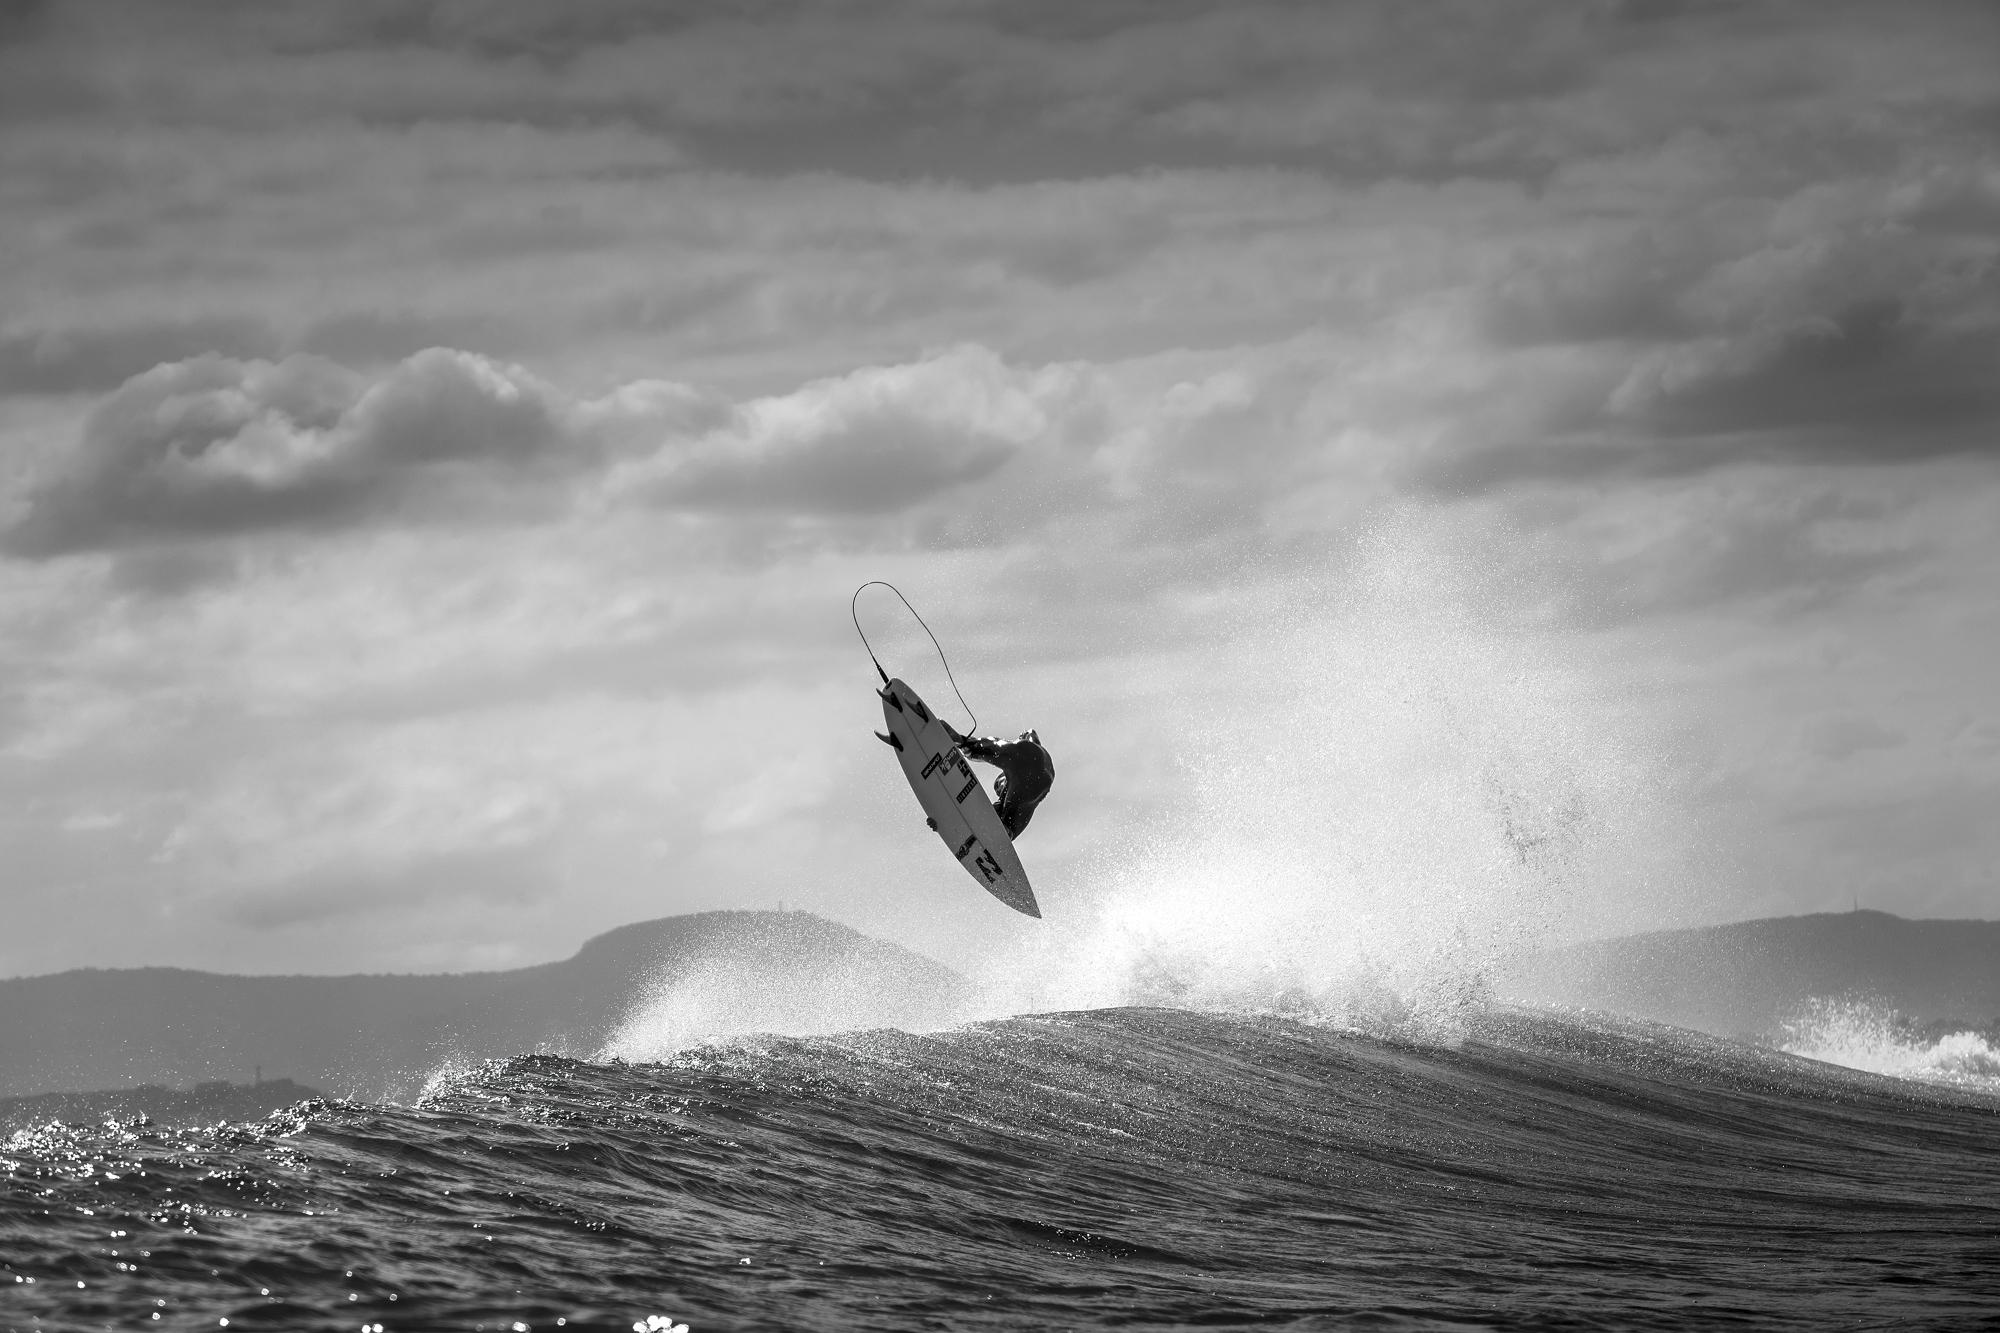 The Fall Of Troy Wallpaper Free Hd Surfing Backgrounds Pixelstalk Net